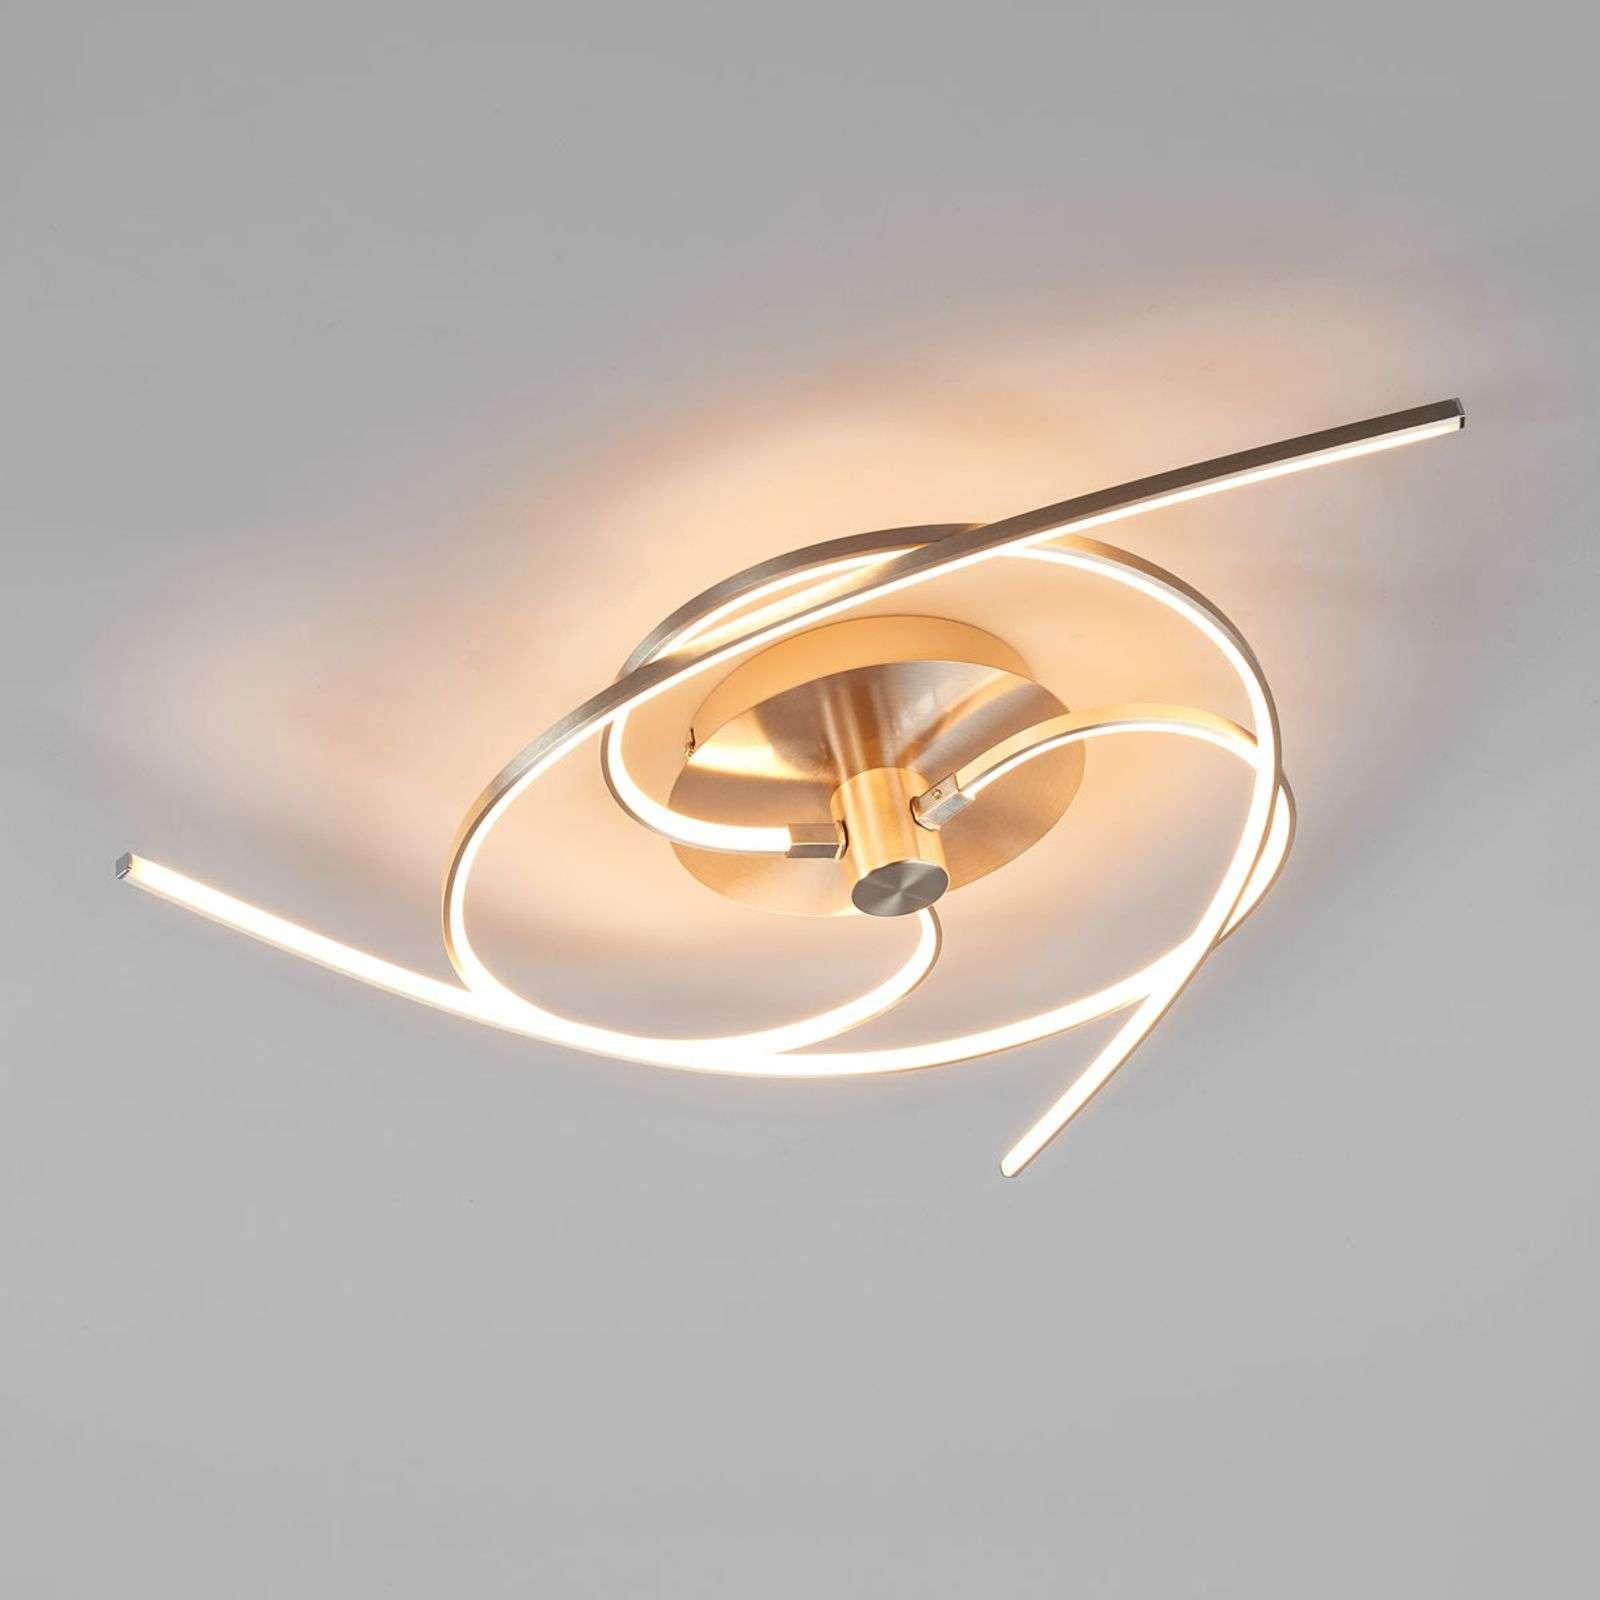 Lampenwelt.com Antoni : un plafonnier épuré à LED - LAMPENWELT.com